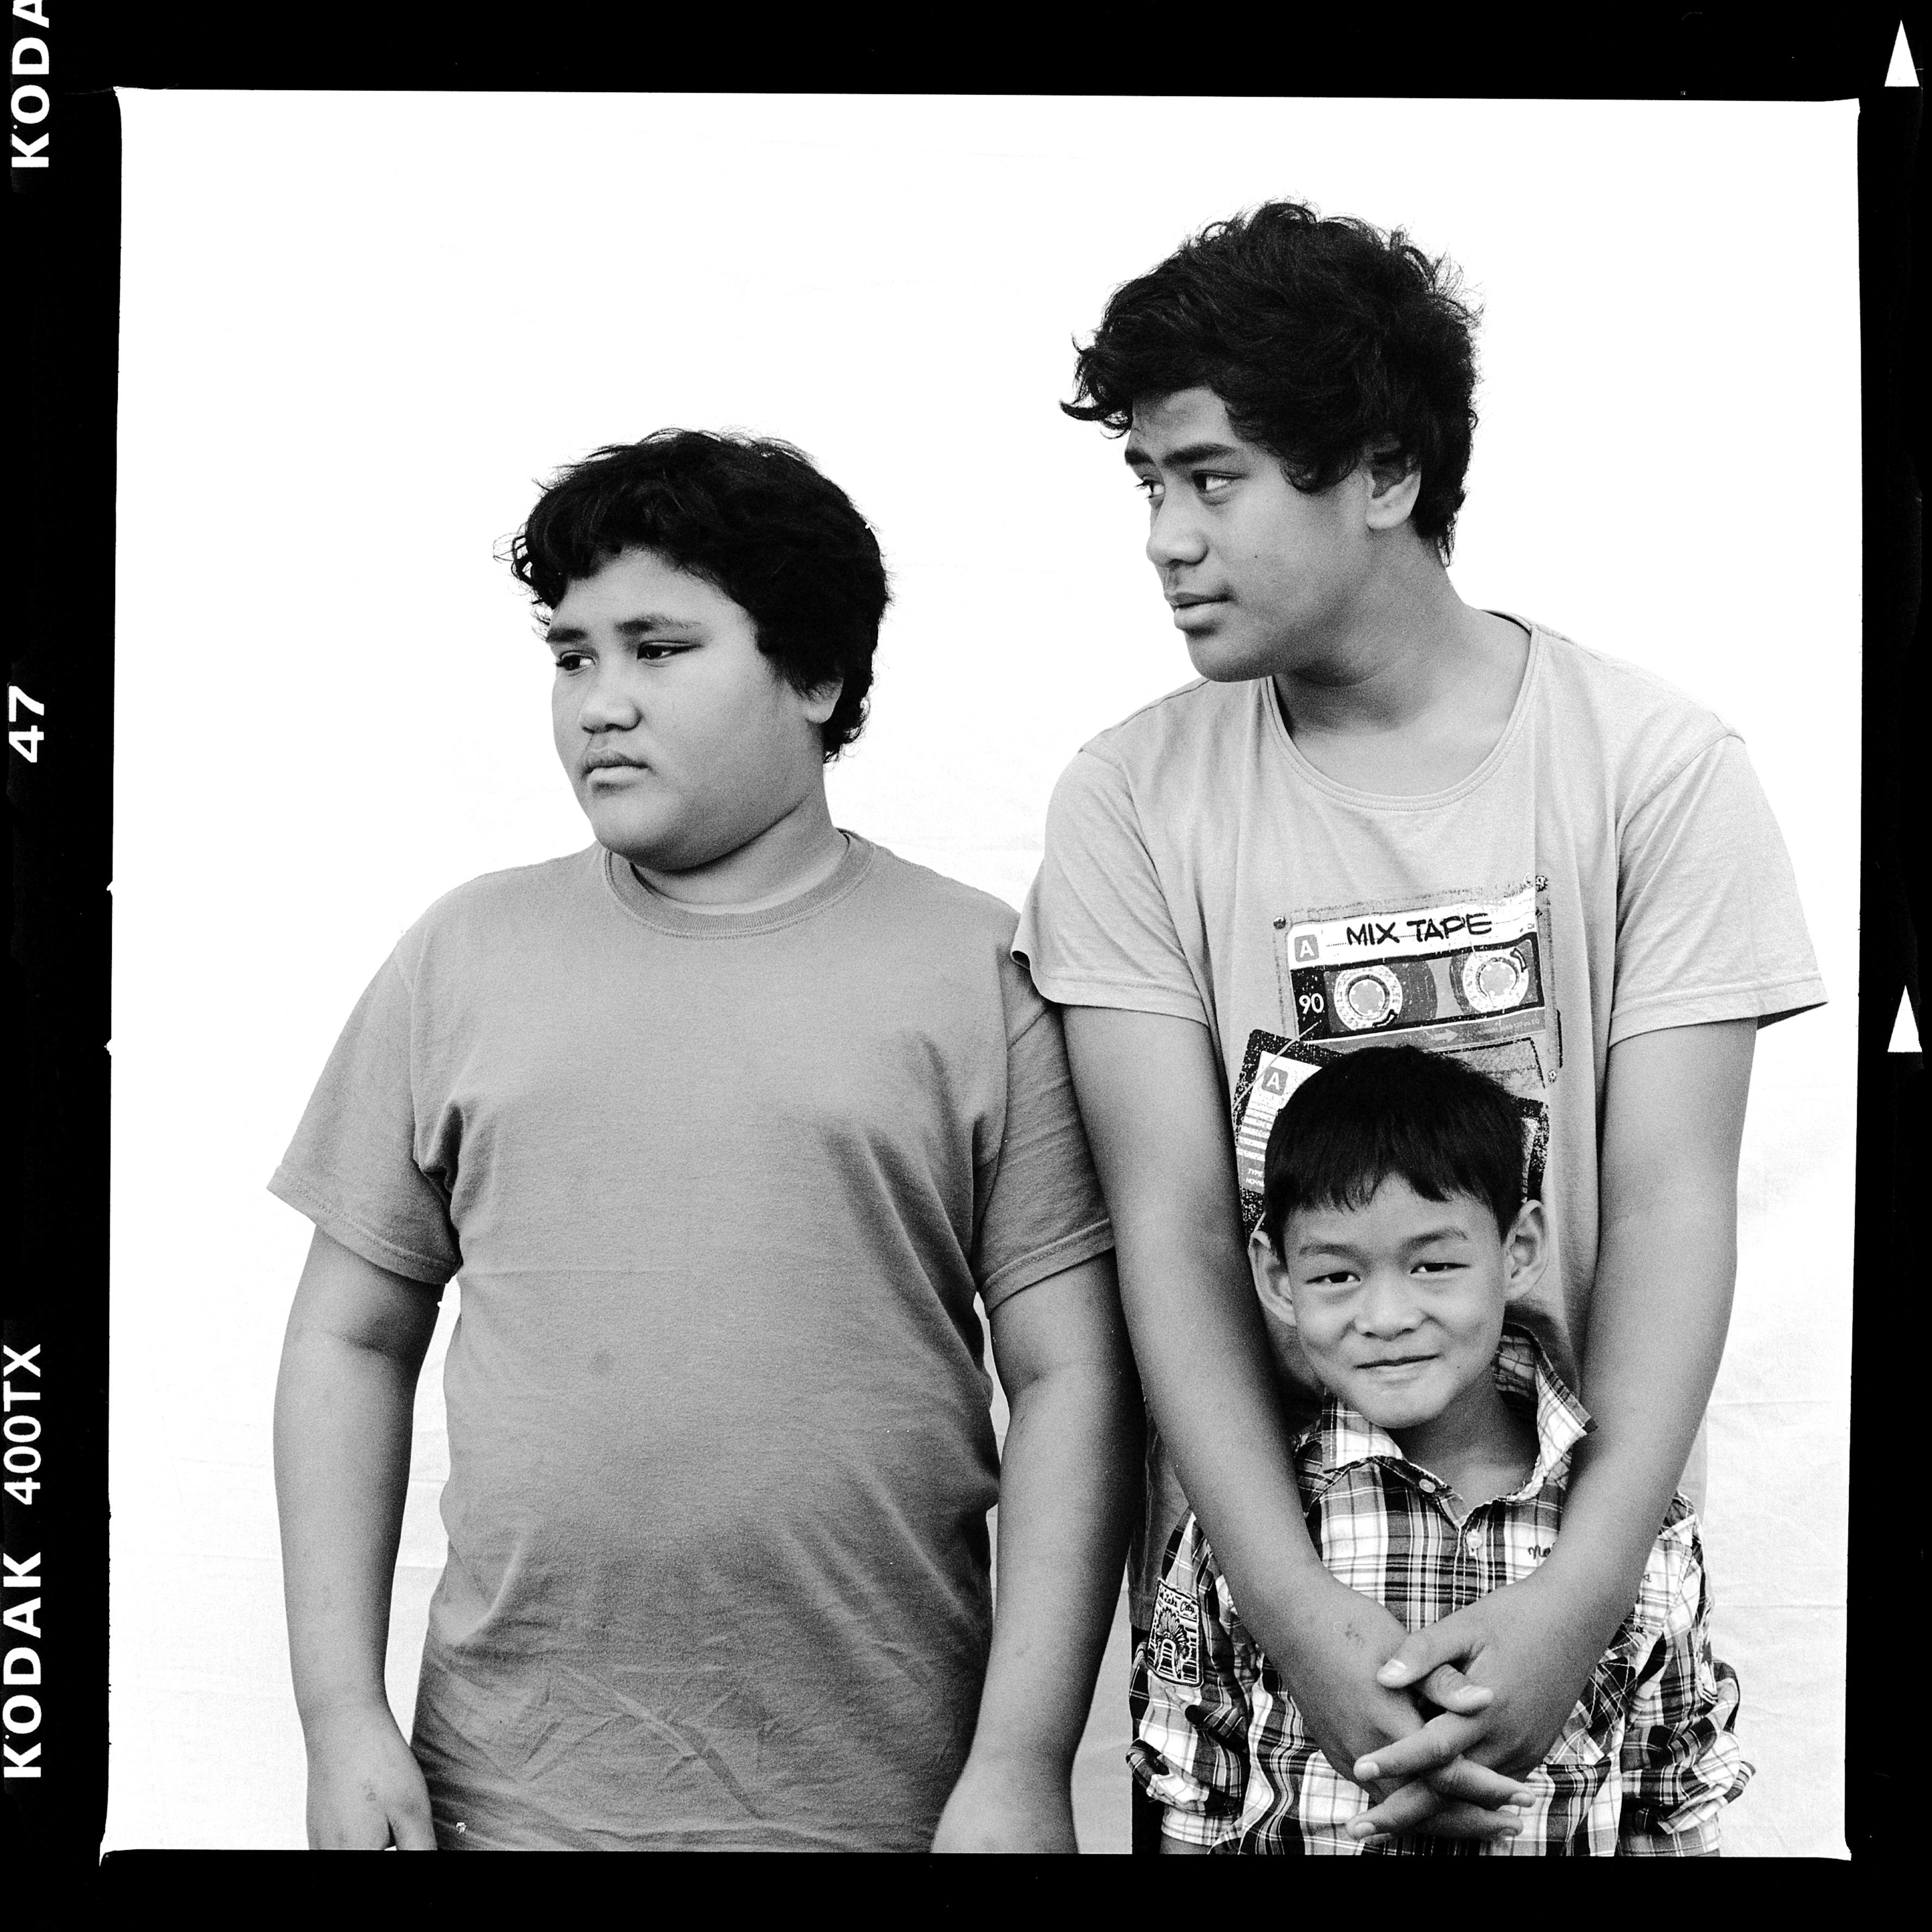 George, Benjamin and Dan